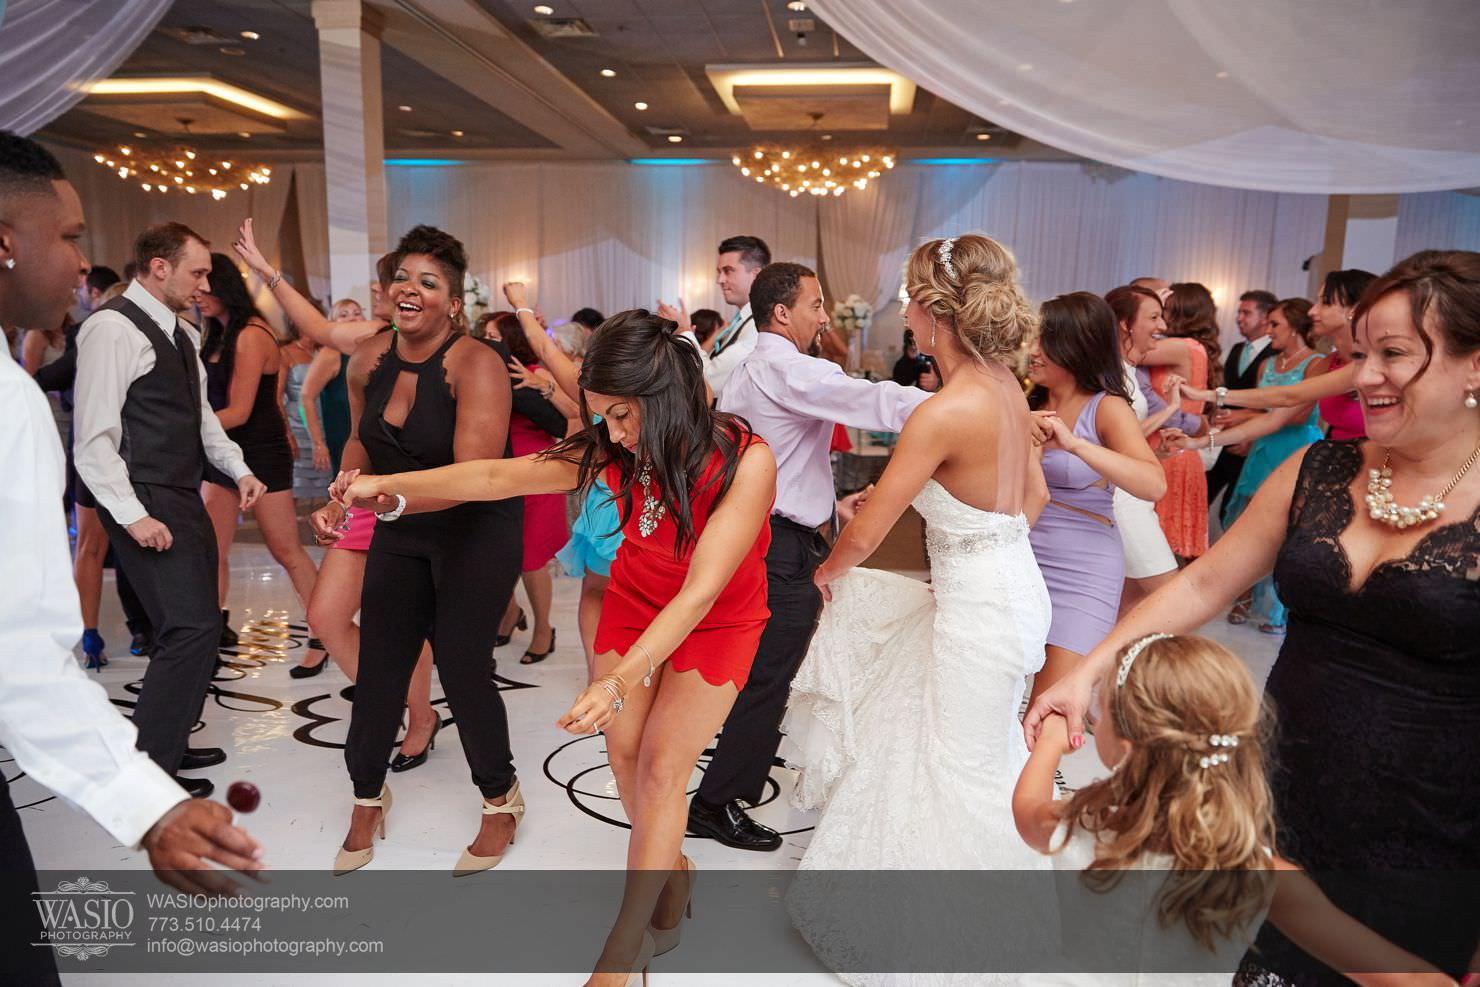 33_Chicago-Summer-Wedding_0O3A5219 Chicago Summer Wedding - Angelica & Pawel